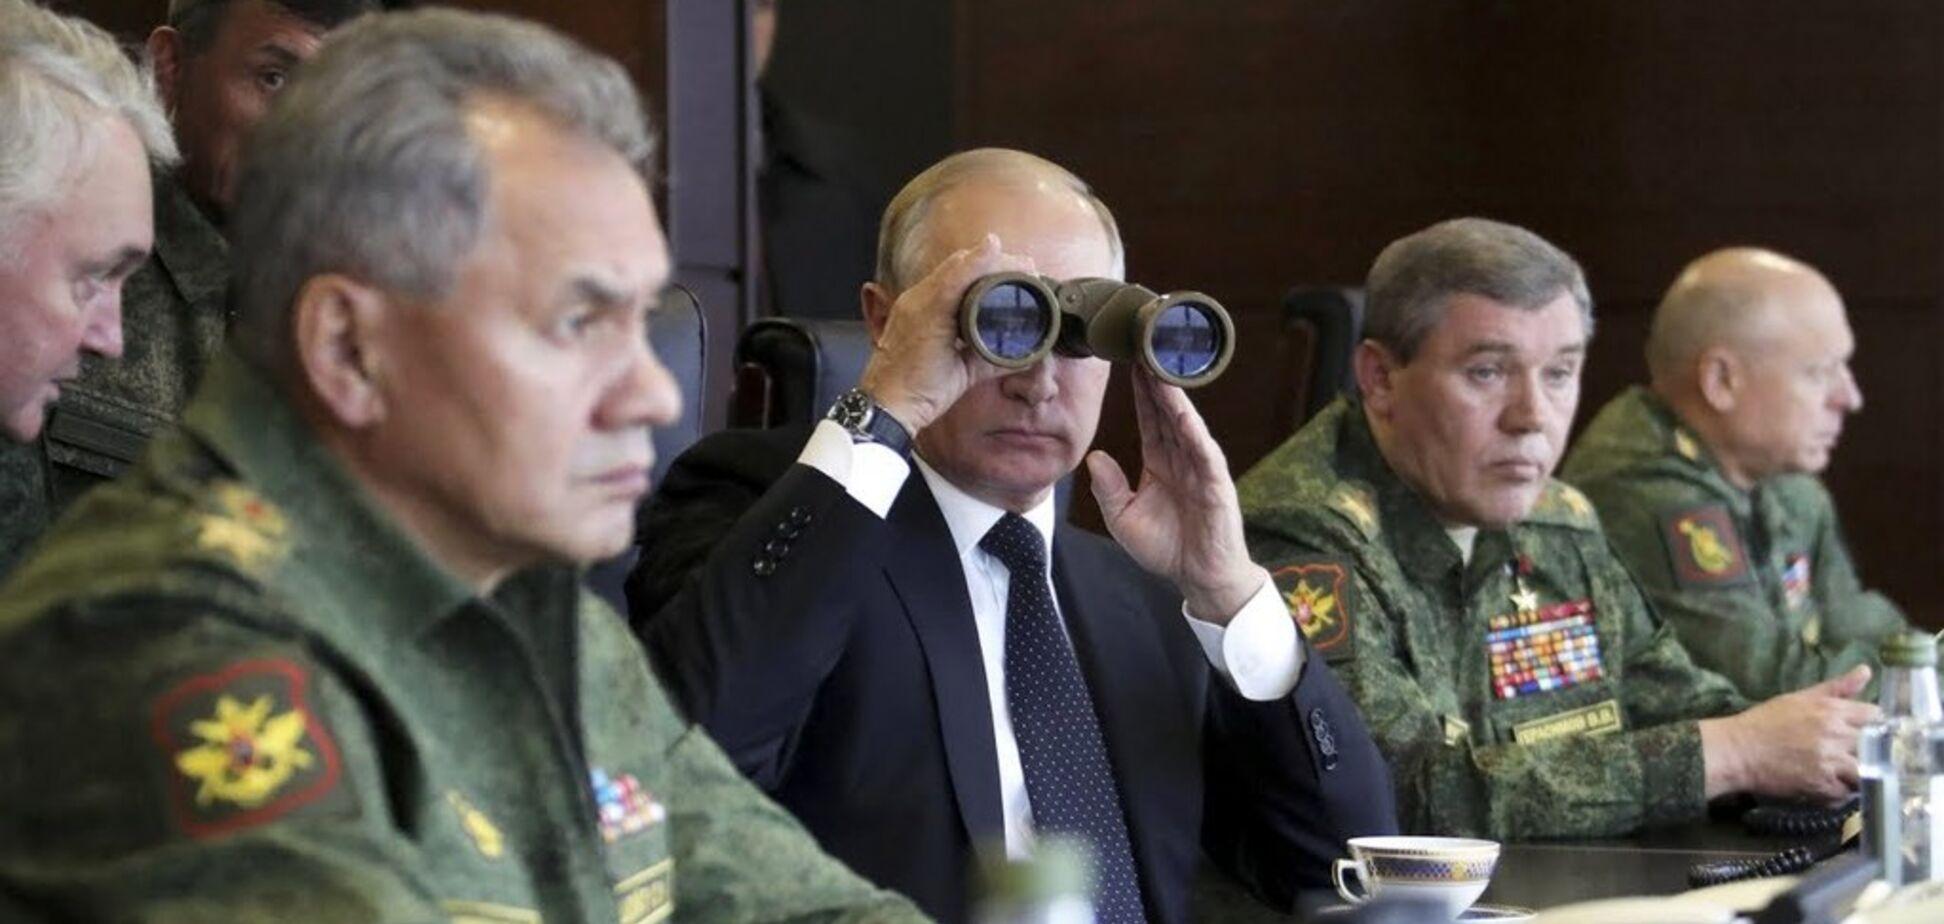 Режим Путіна стає ще небезпечнішим